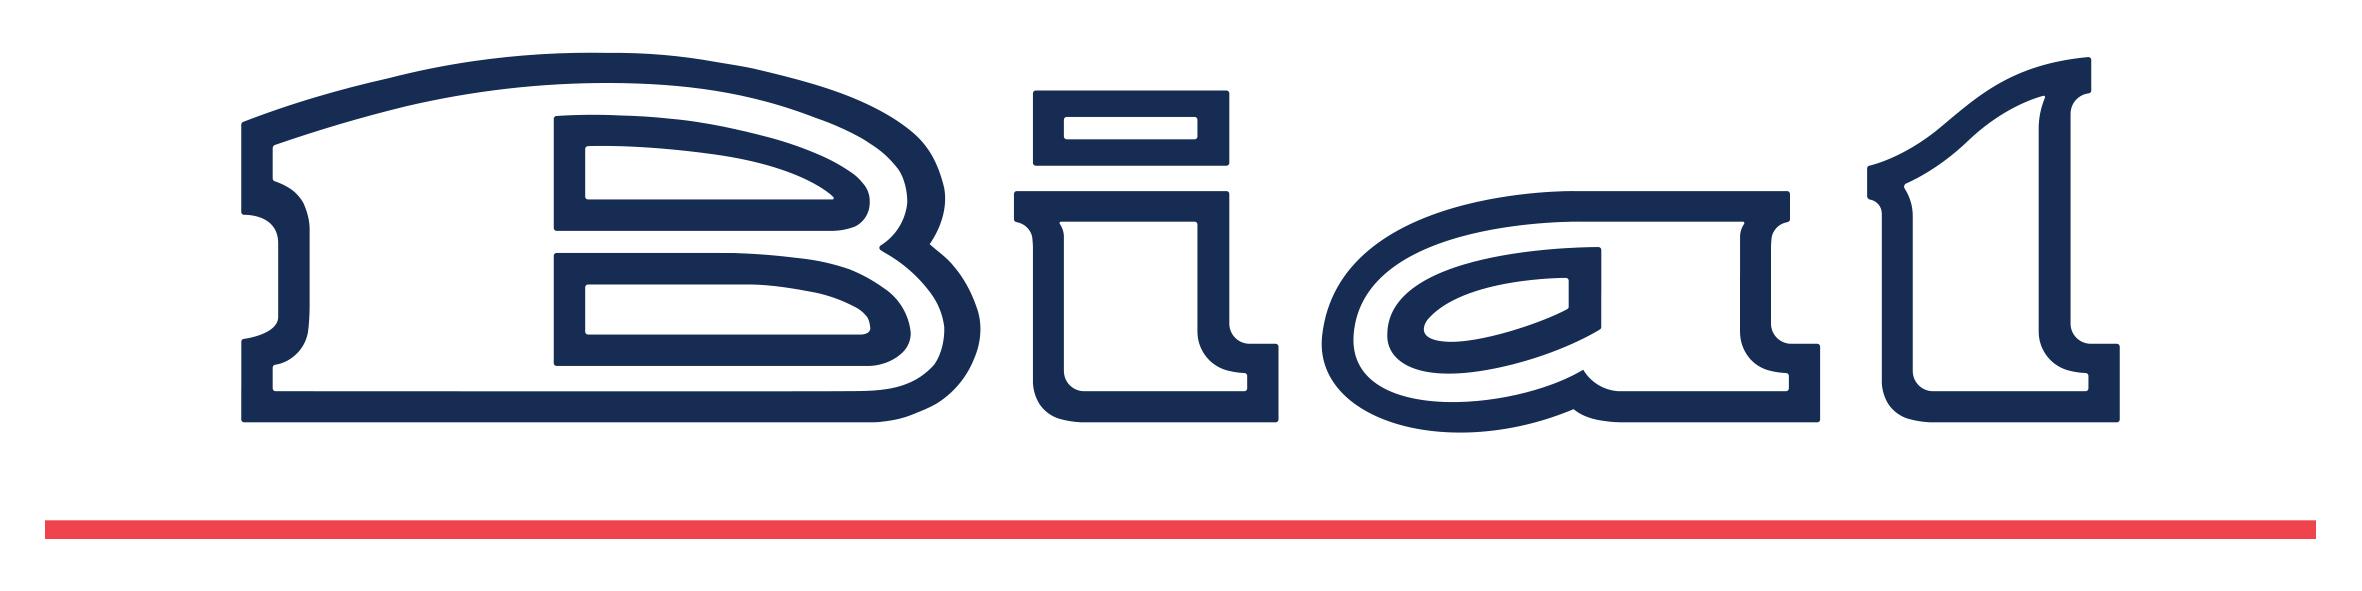 Bial Pharma UK Limited